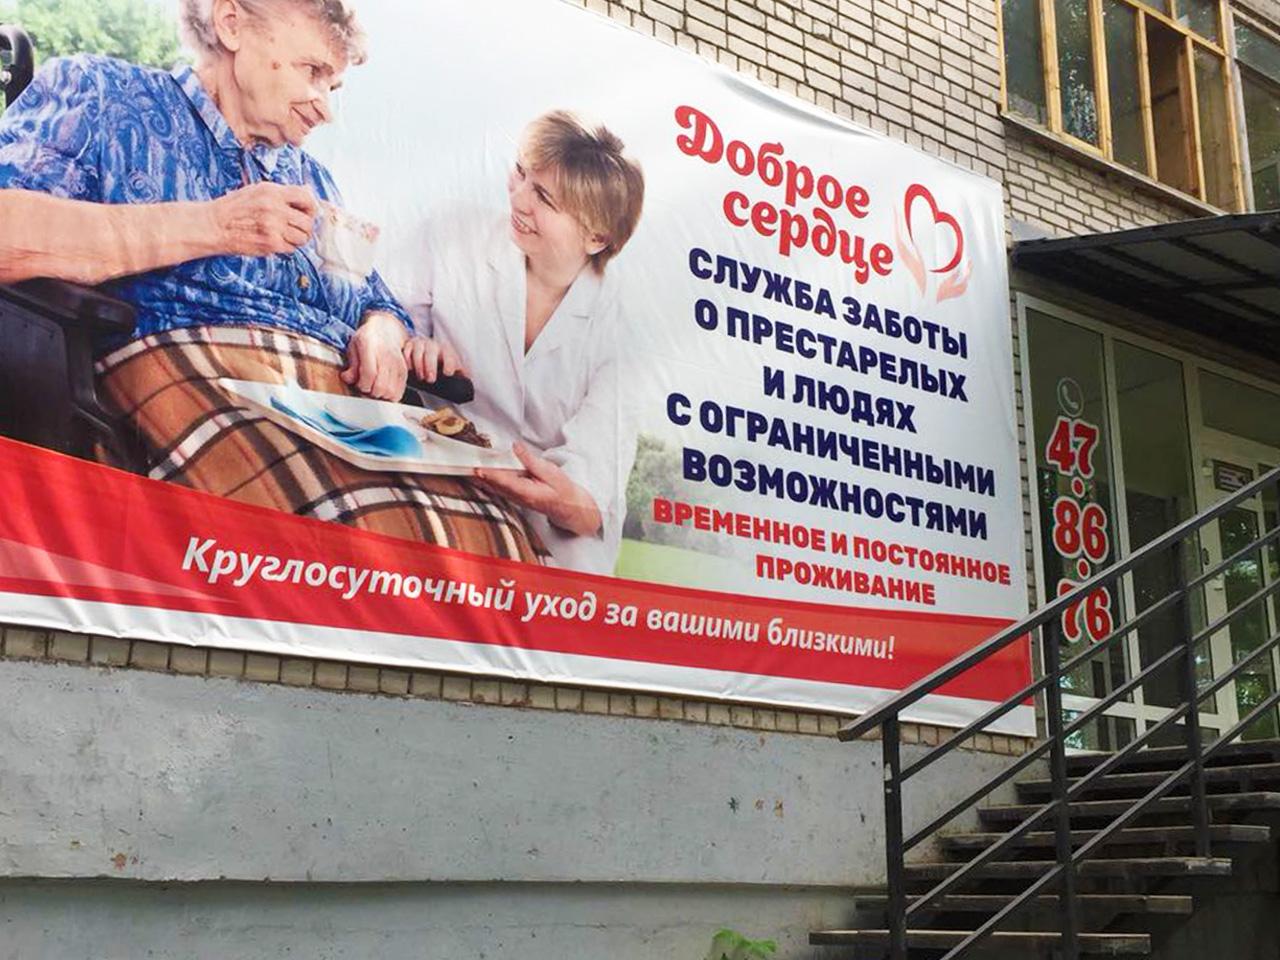 Специальный дом для пожилых людей в ижевске бу со вологодской области дом-интернат для престарелых и инвалидов адрес